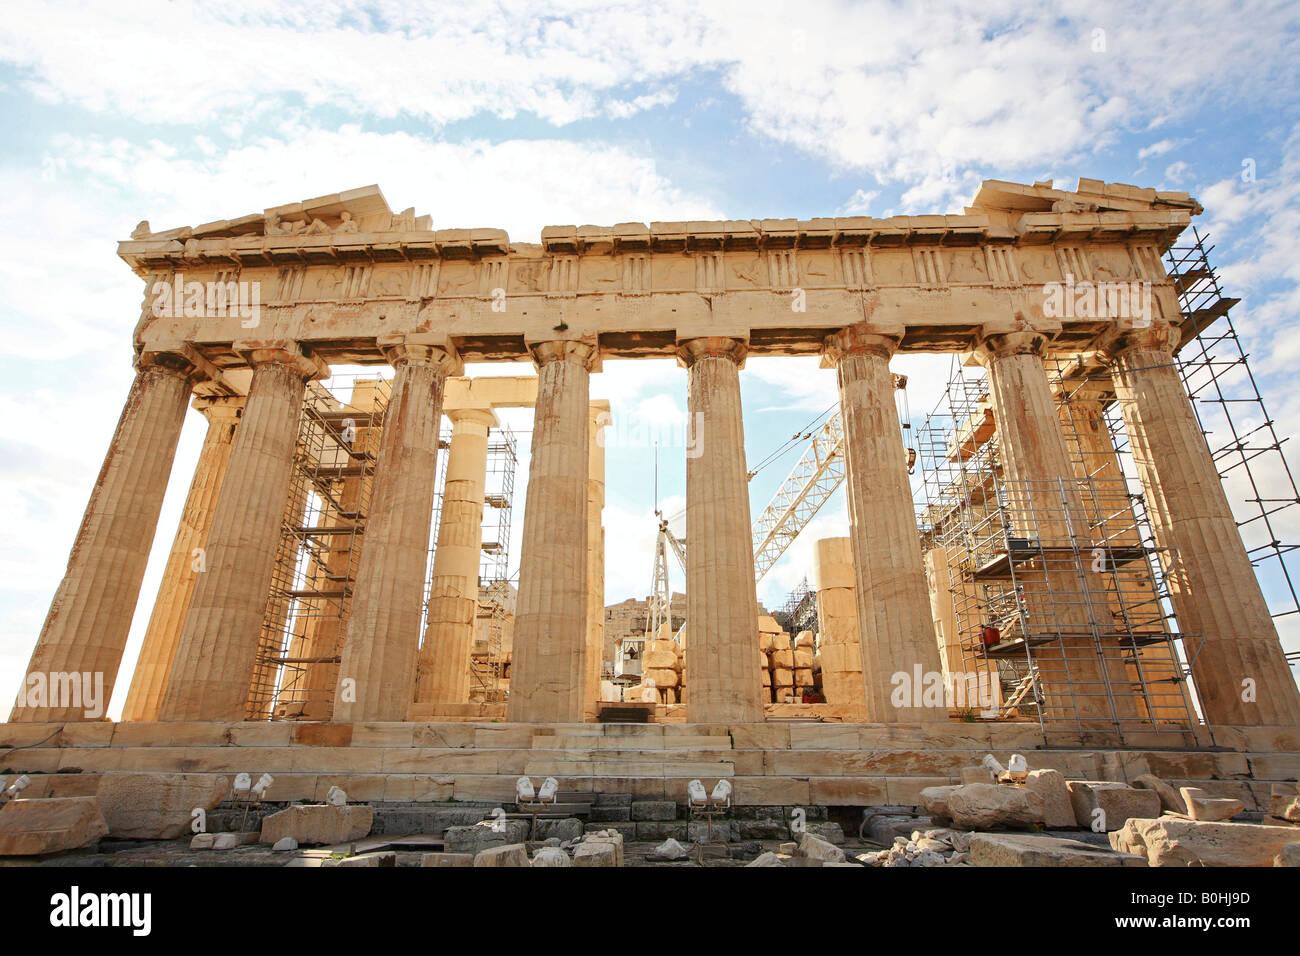 Acropolis, Athens, Greece - Stock Image